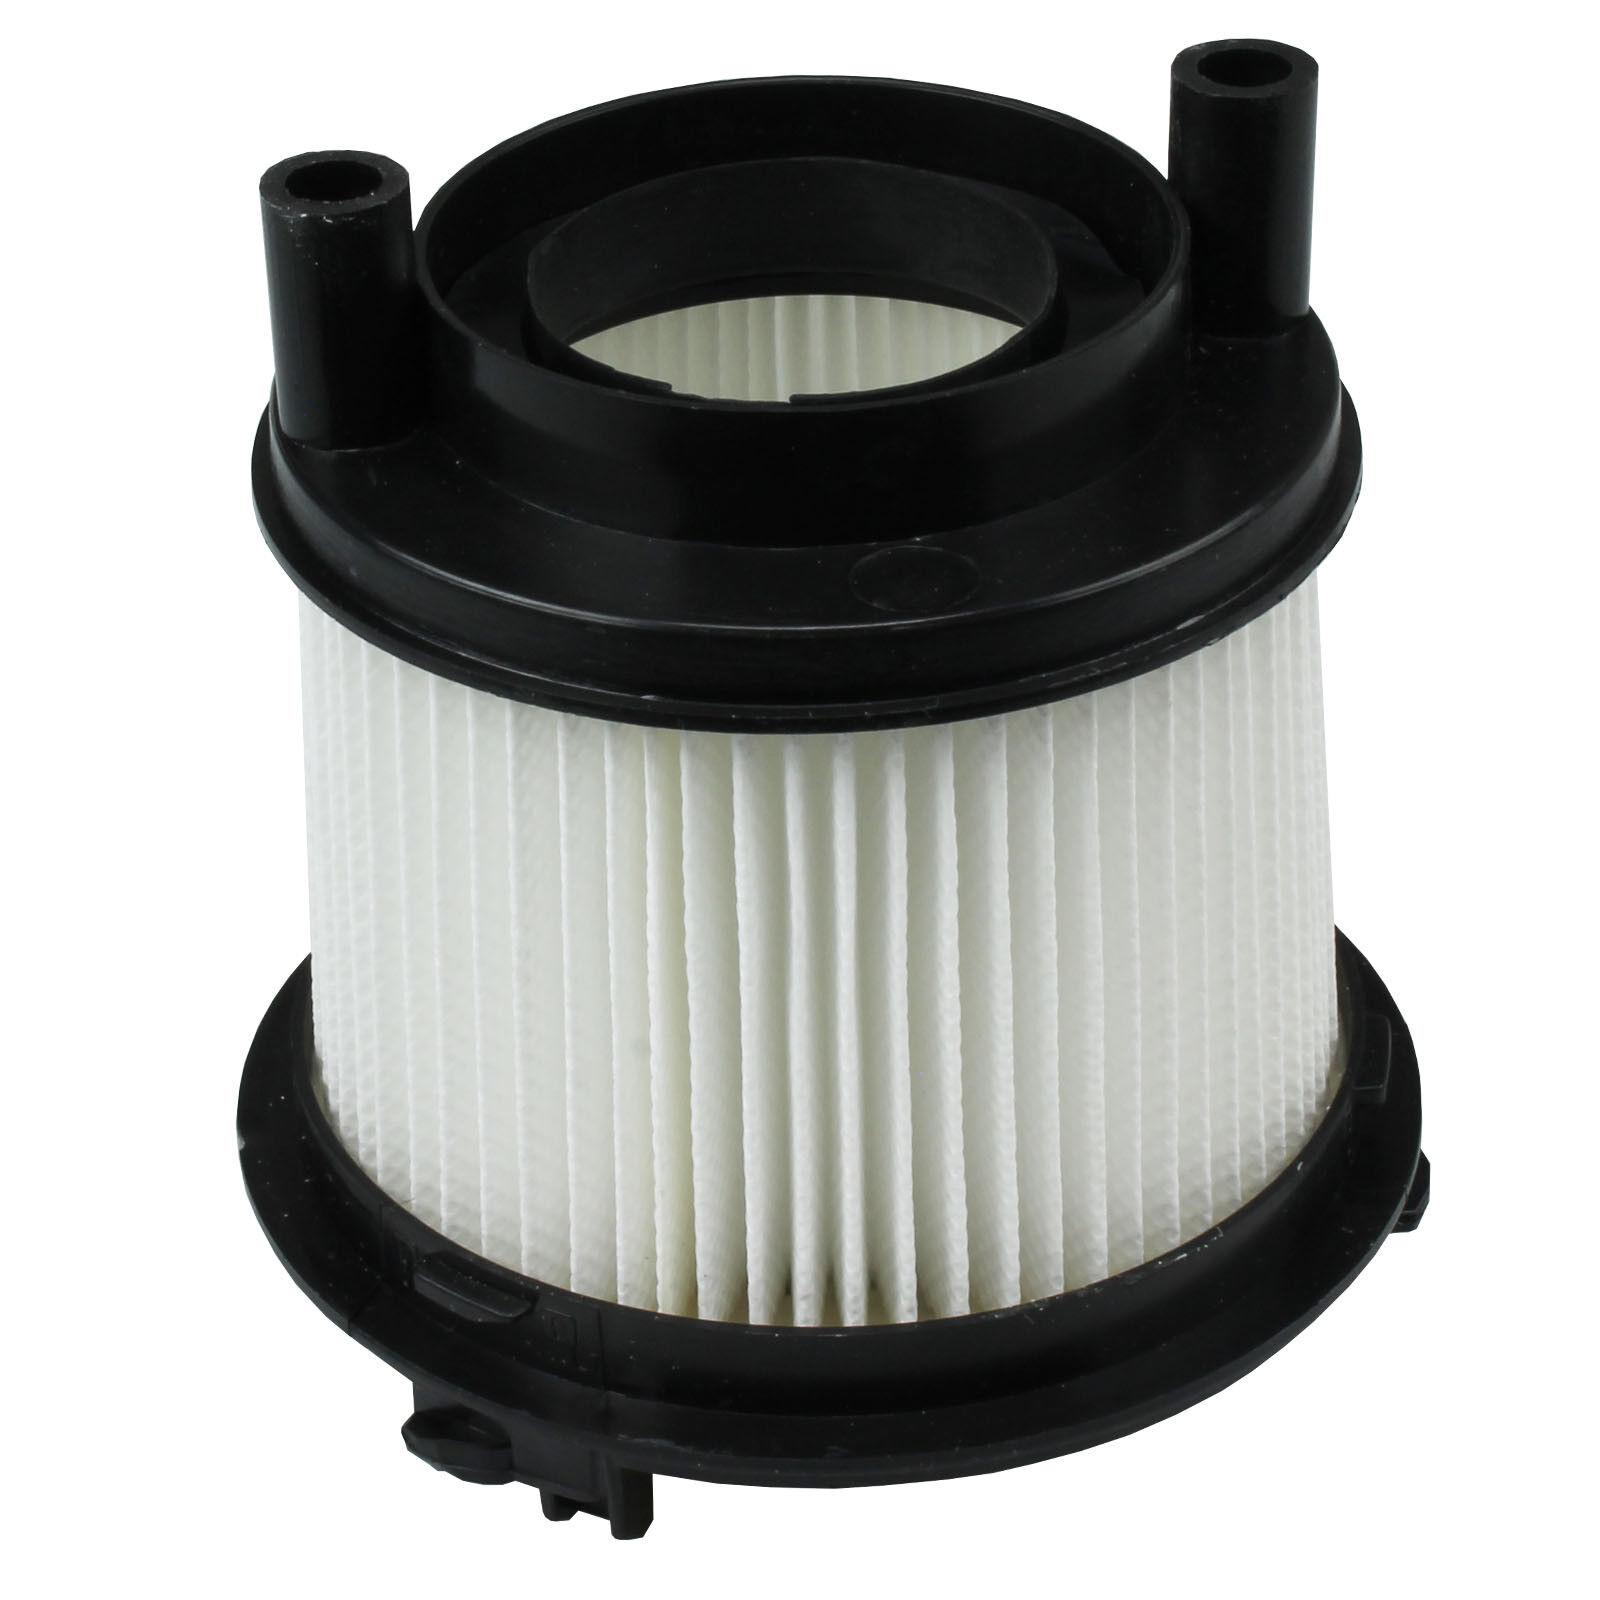 TSP2003 TSP2000 Vacuum Cleaner Filter Kit Genuine Hoover Smart Spirit TSP2002